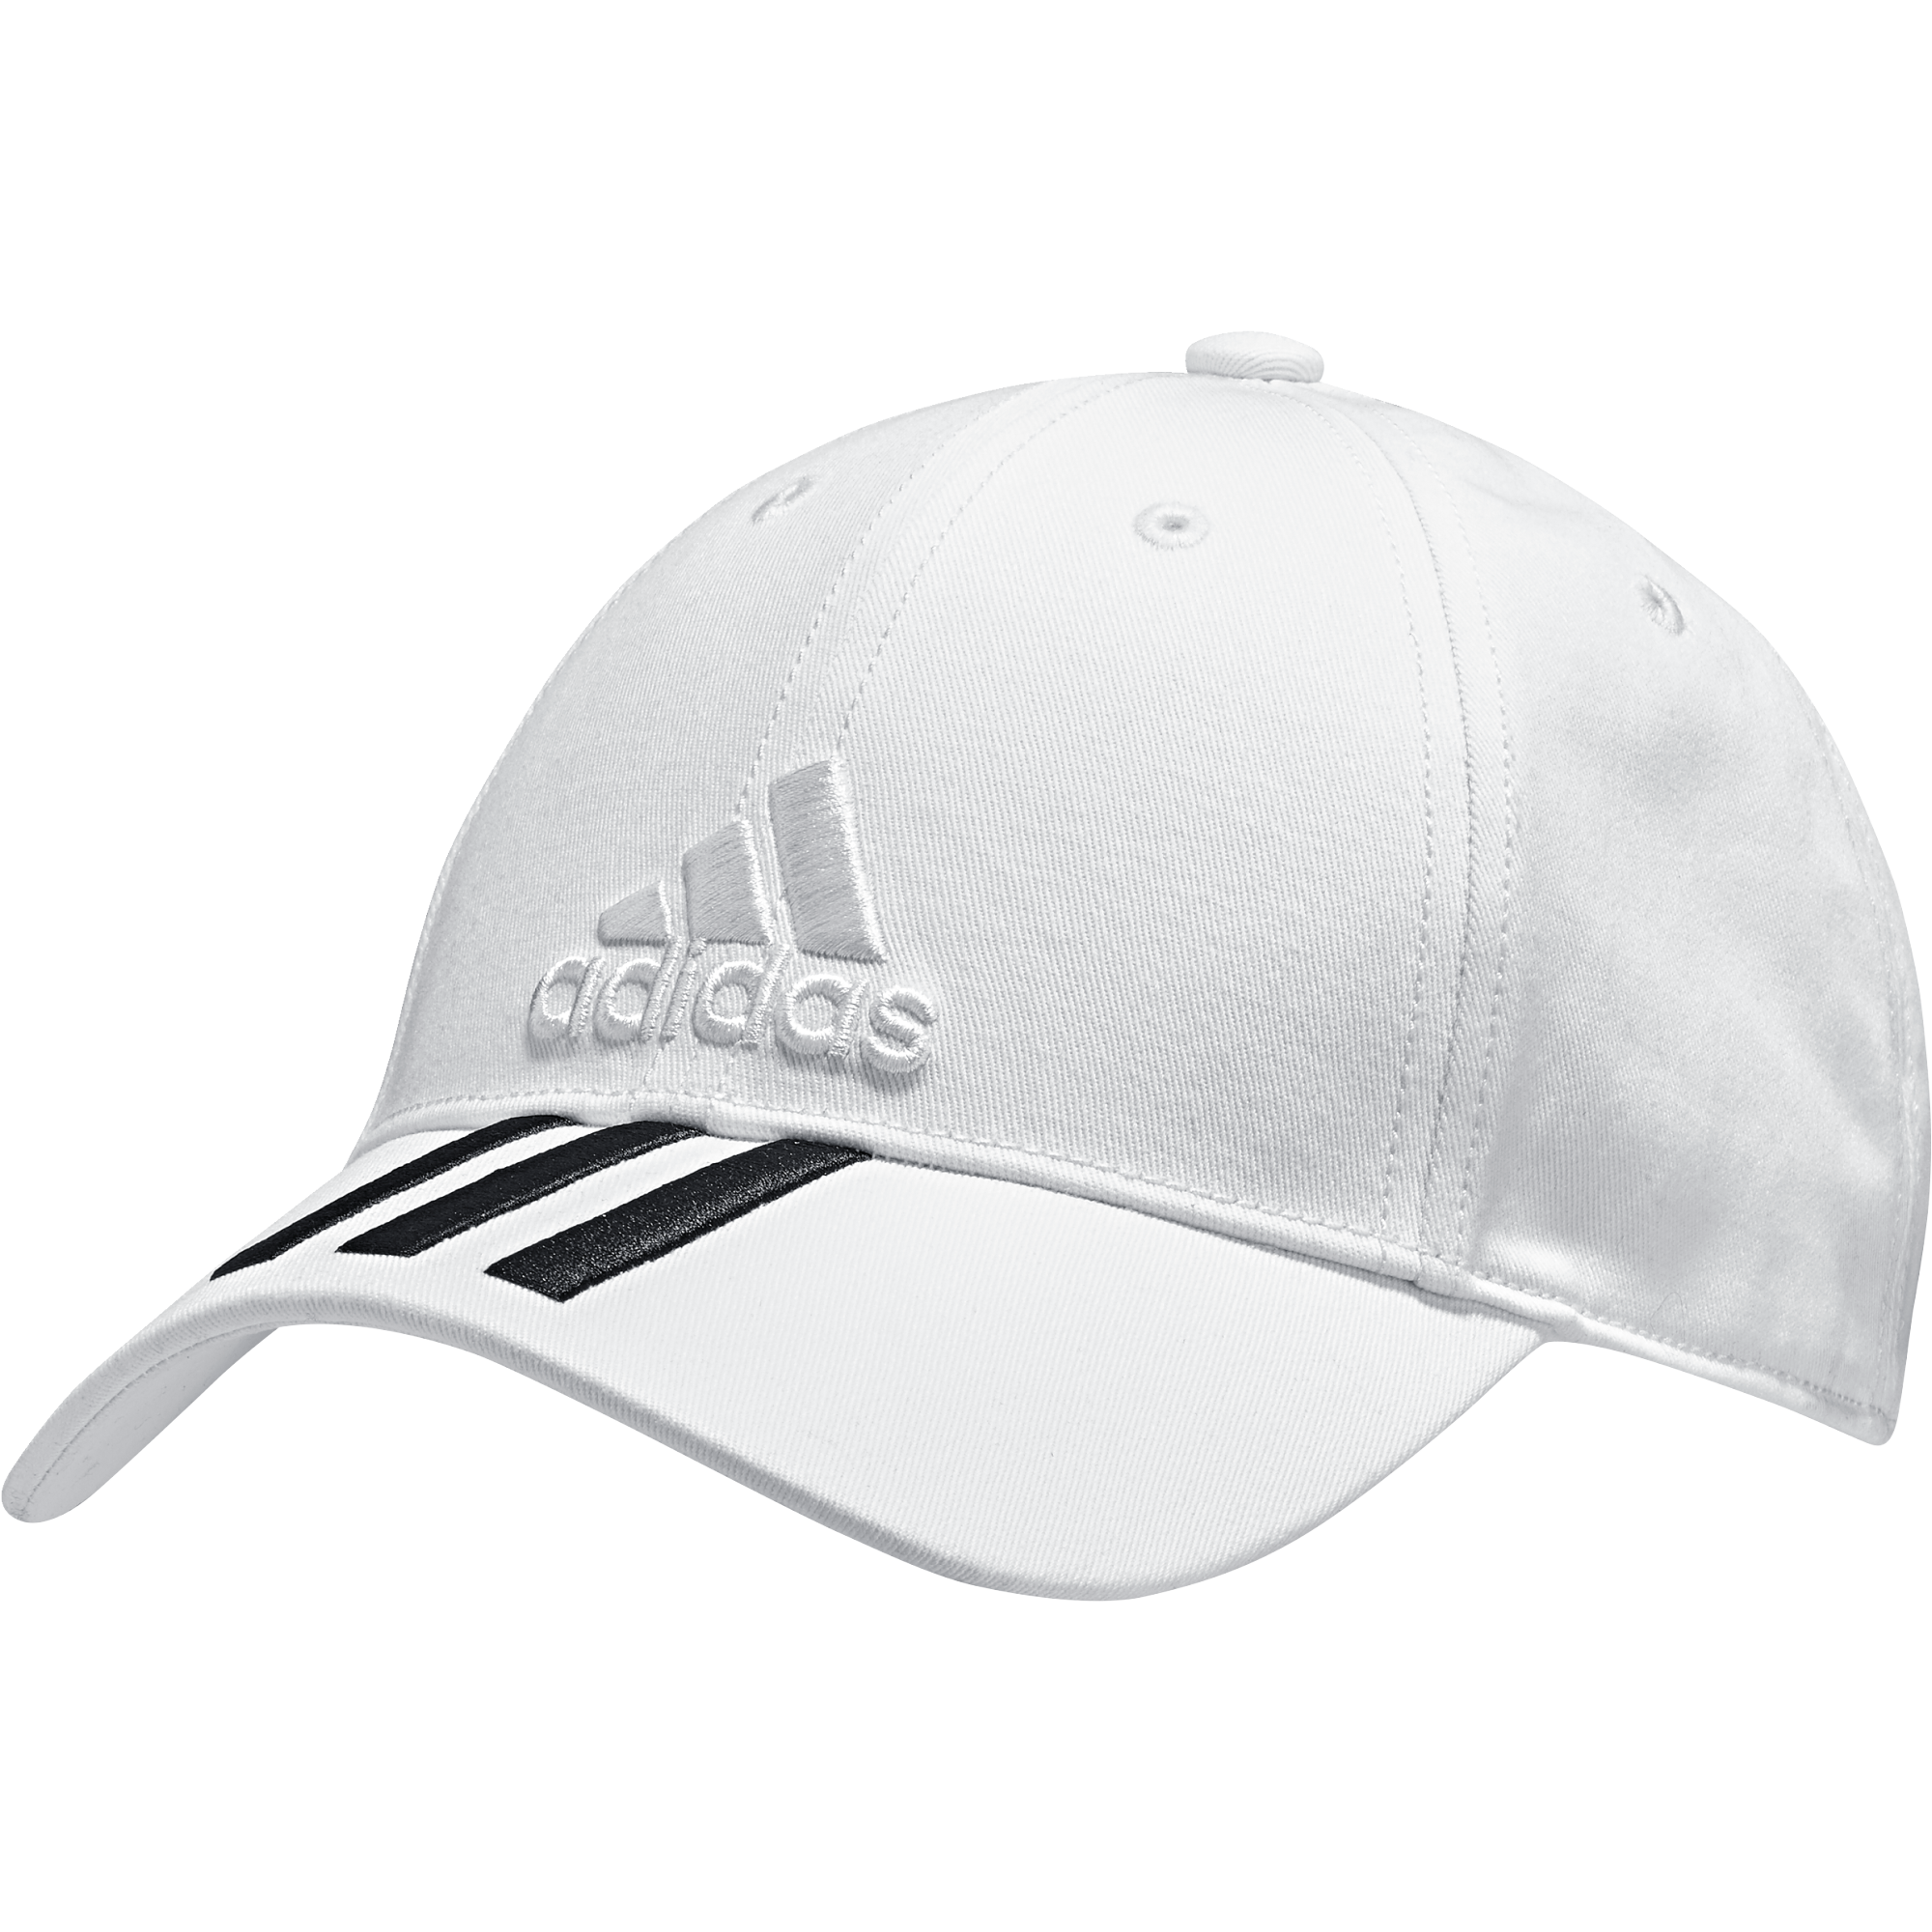 bk0806 Adidas sapka a8afff6205